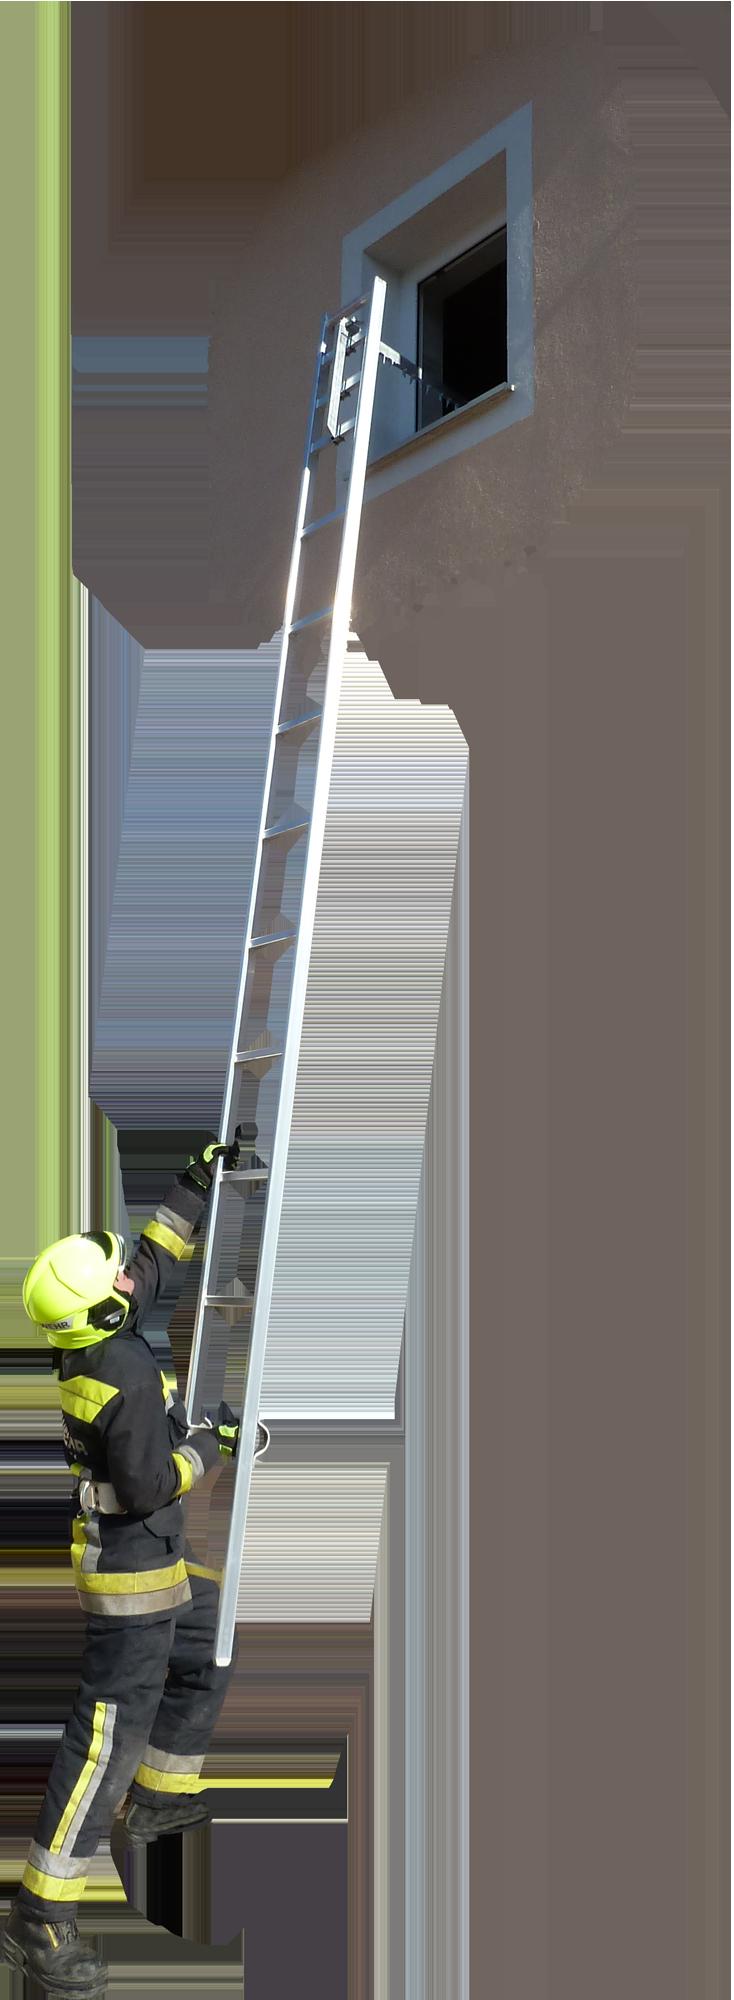 FEG-110 hákovací hasičský rebrík